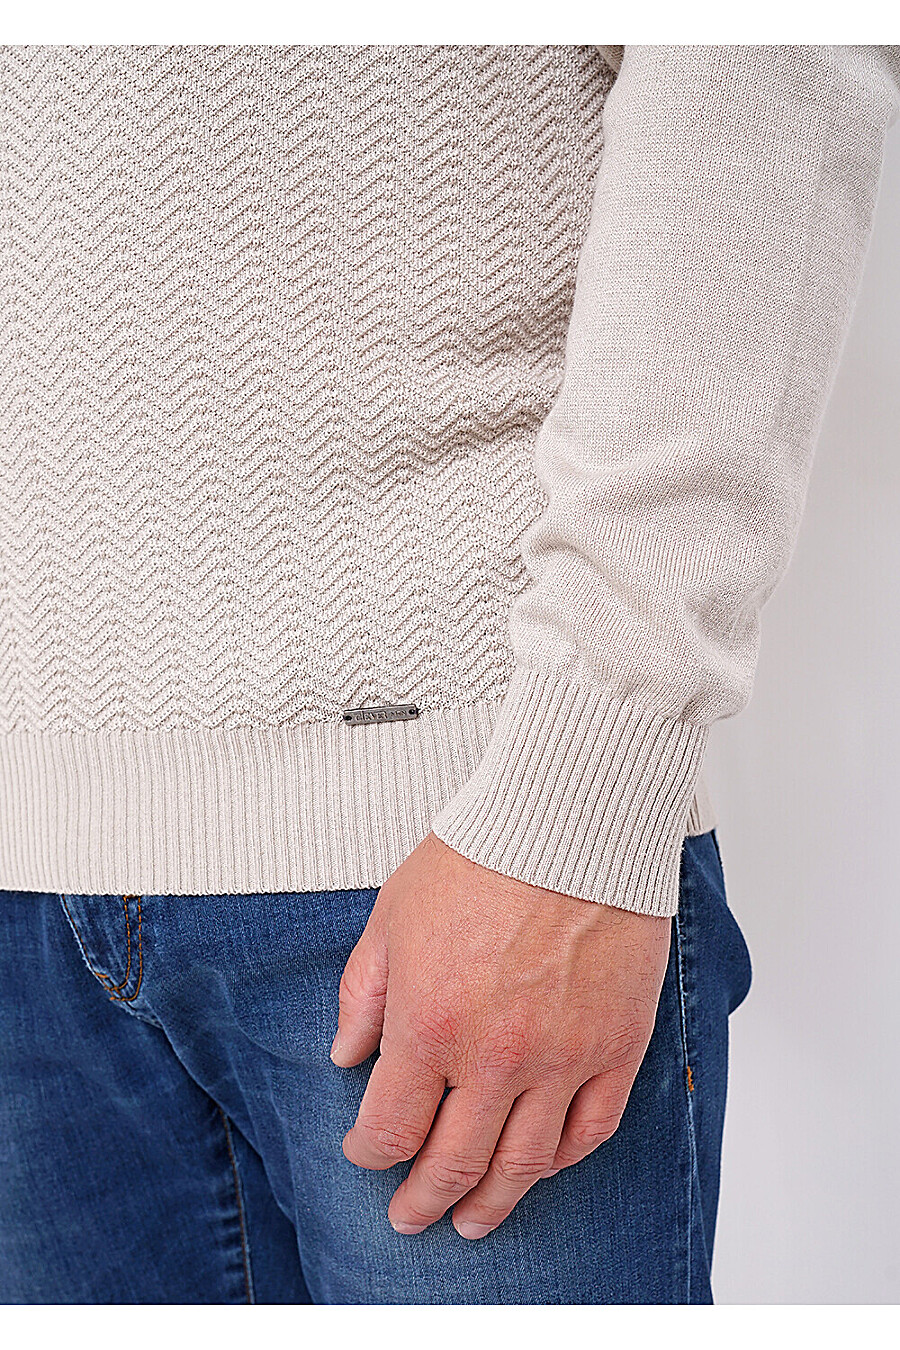 Водолазка для мужчин CLEVER 272727 купить оптом от производителя. Совместная покупка мужской одежды в OptMoyo